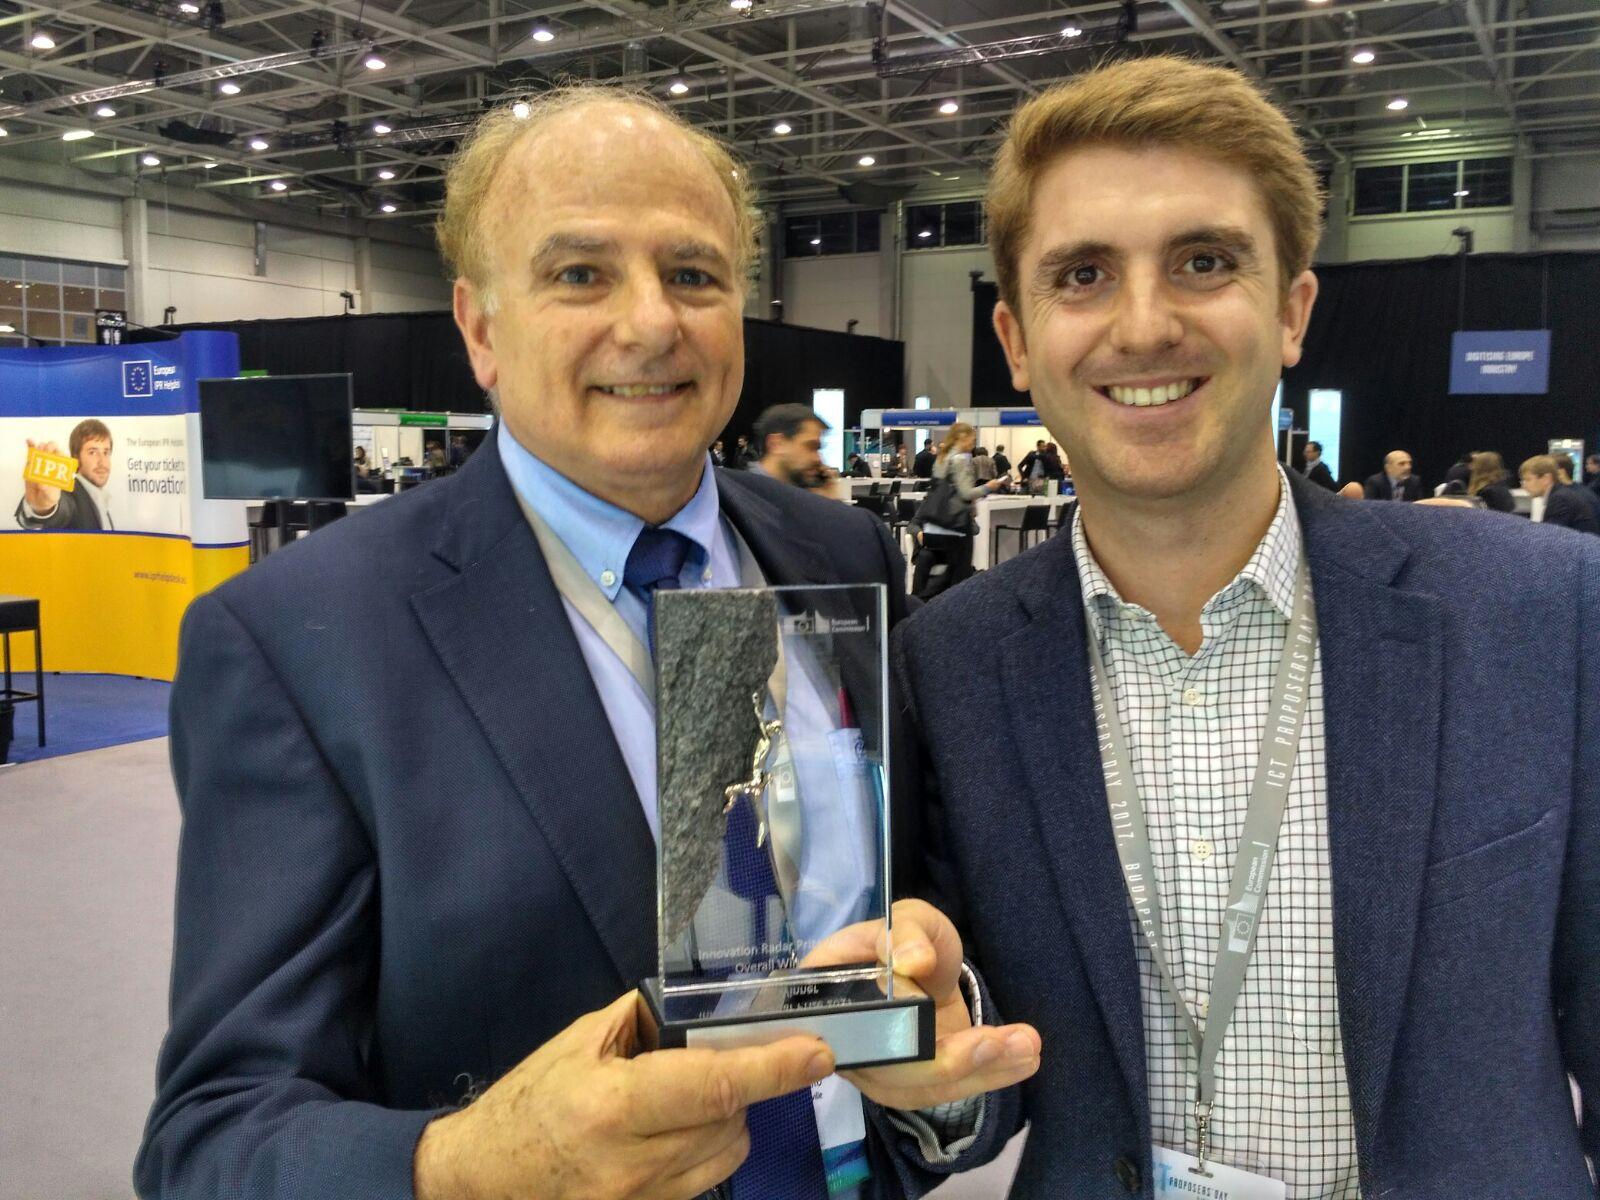 CATEC, reconocido por la Comisión Europea con el premio Innovation Radar Prize por su tecnología pionera con drones para inspecciones industriales por contacto